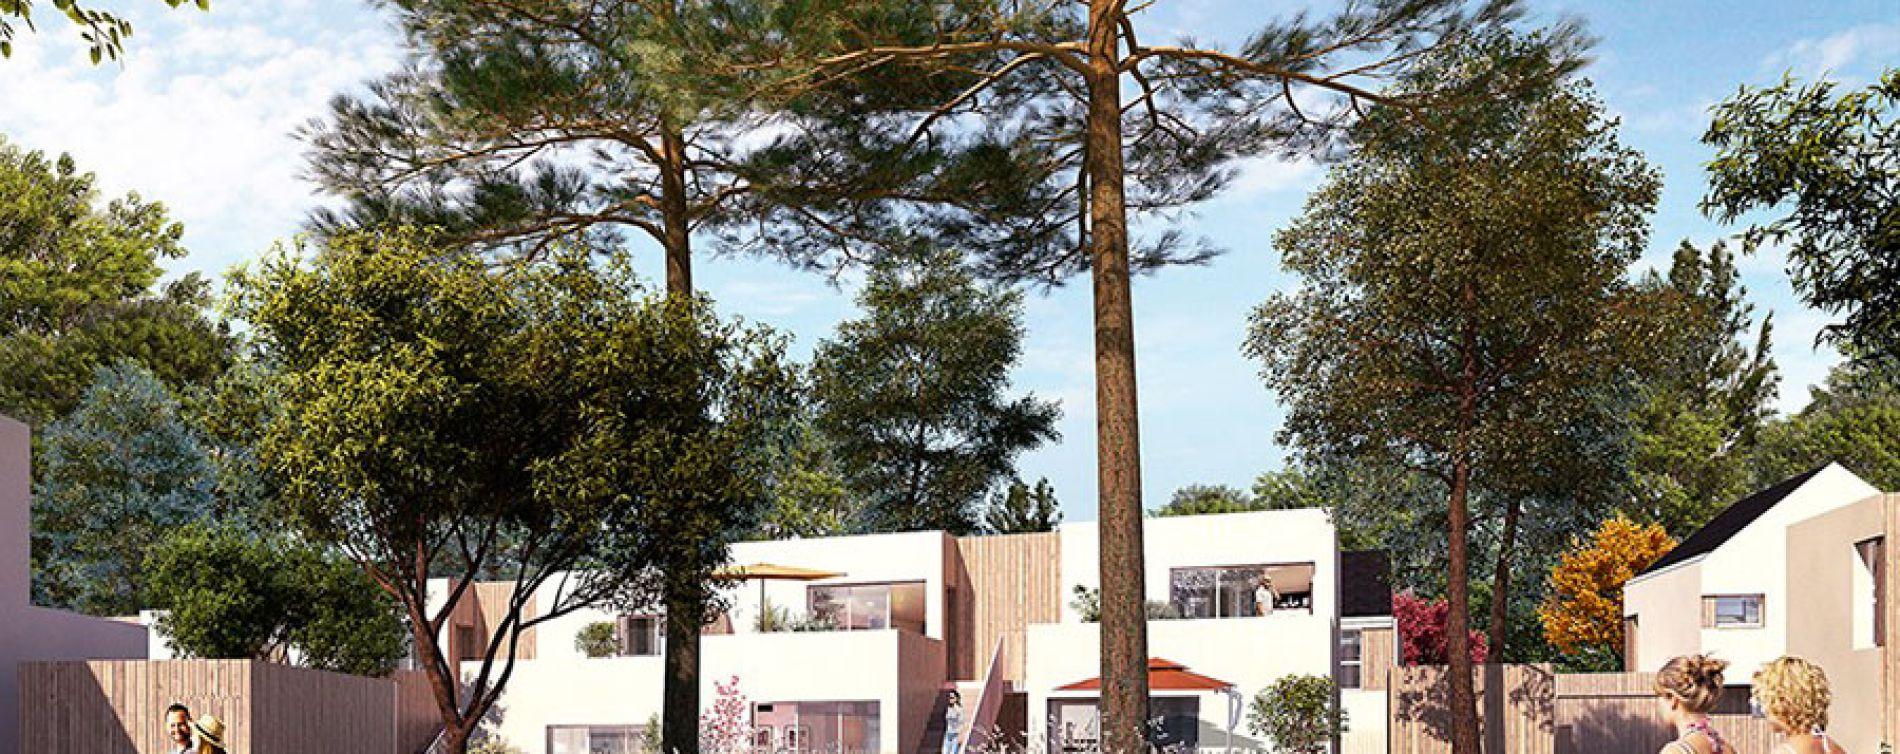 Résidence Domaine Sainte Marguerite à Pornichet